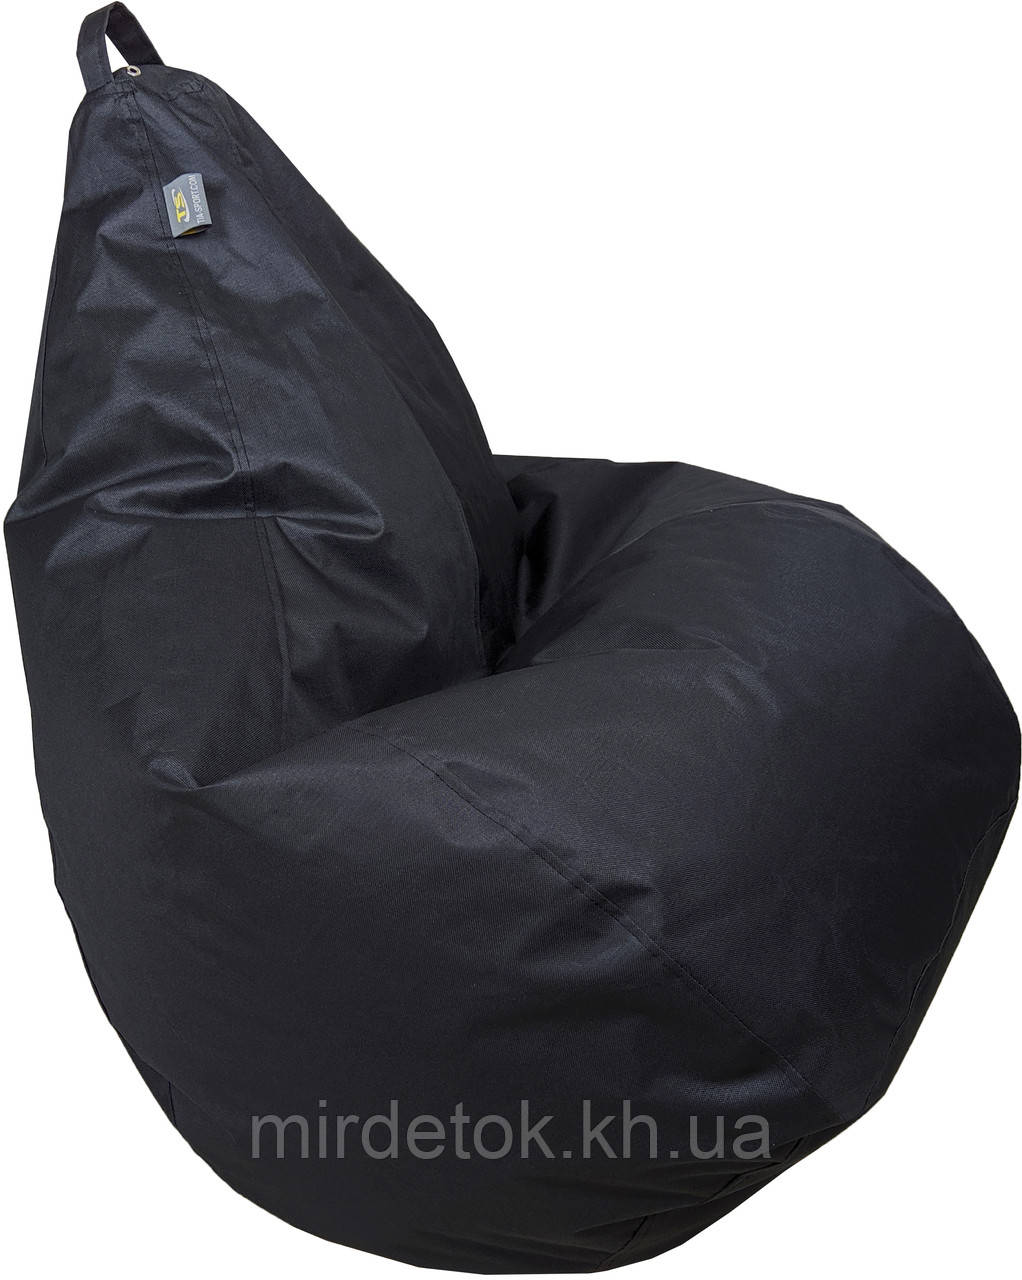 Кресло груша Оксфорд Черный